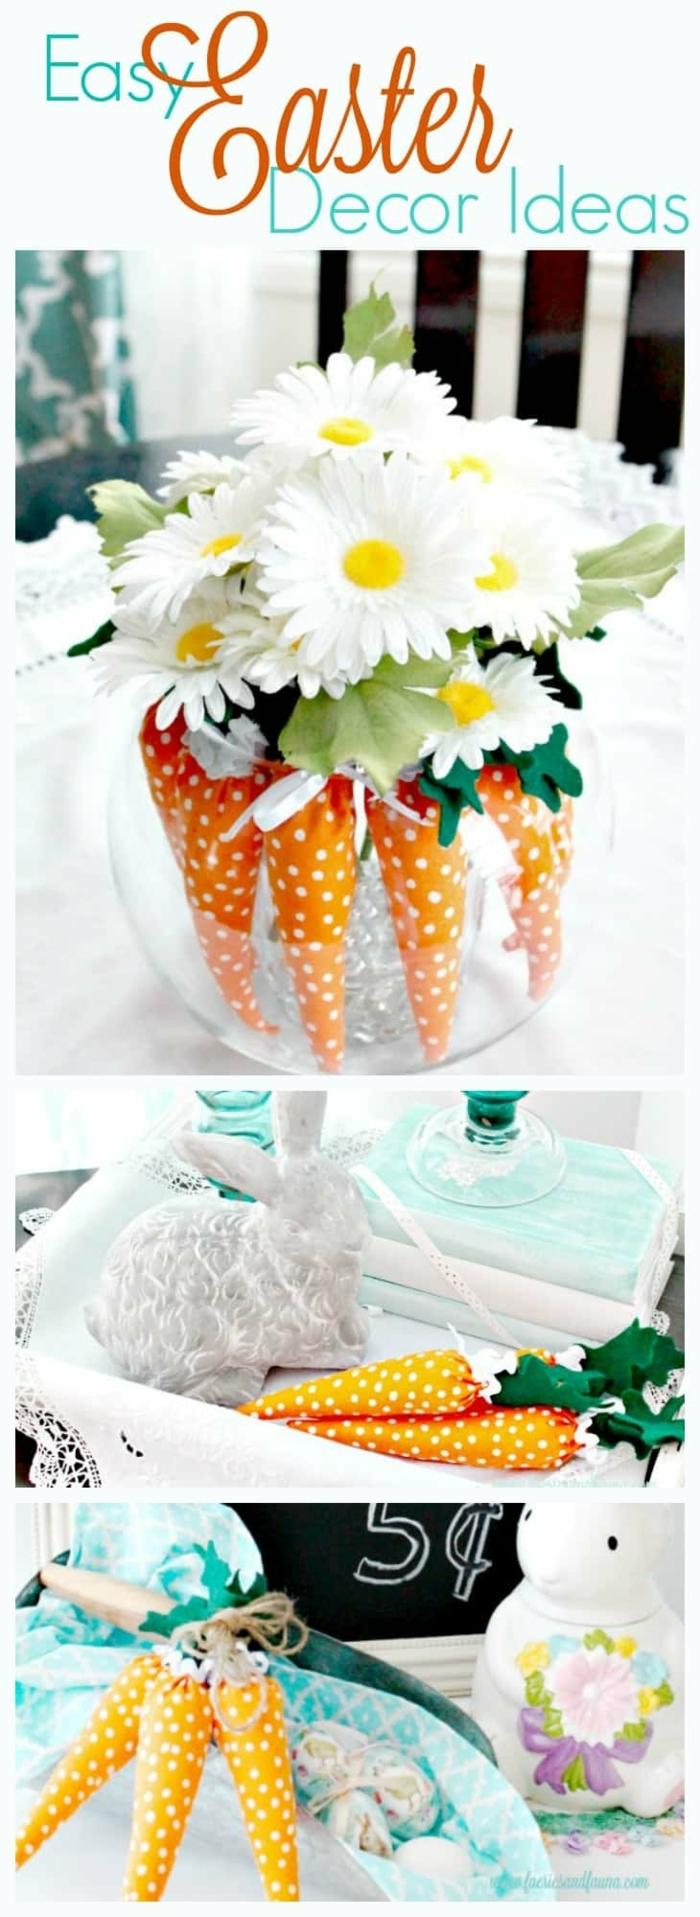 decoration de paques fait maison, carottes en textile et paquerettes blanches, decoration de table pour paques à faire soi-meme